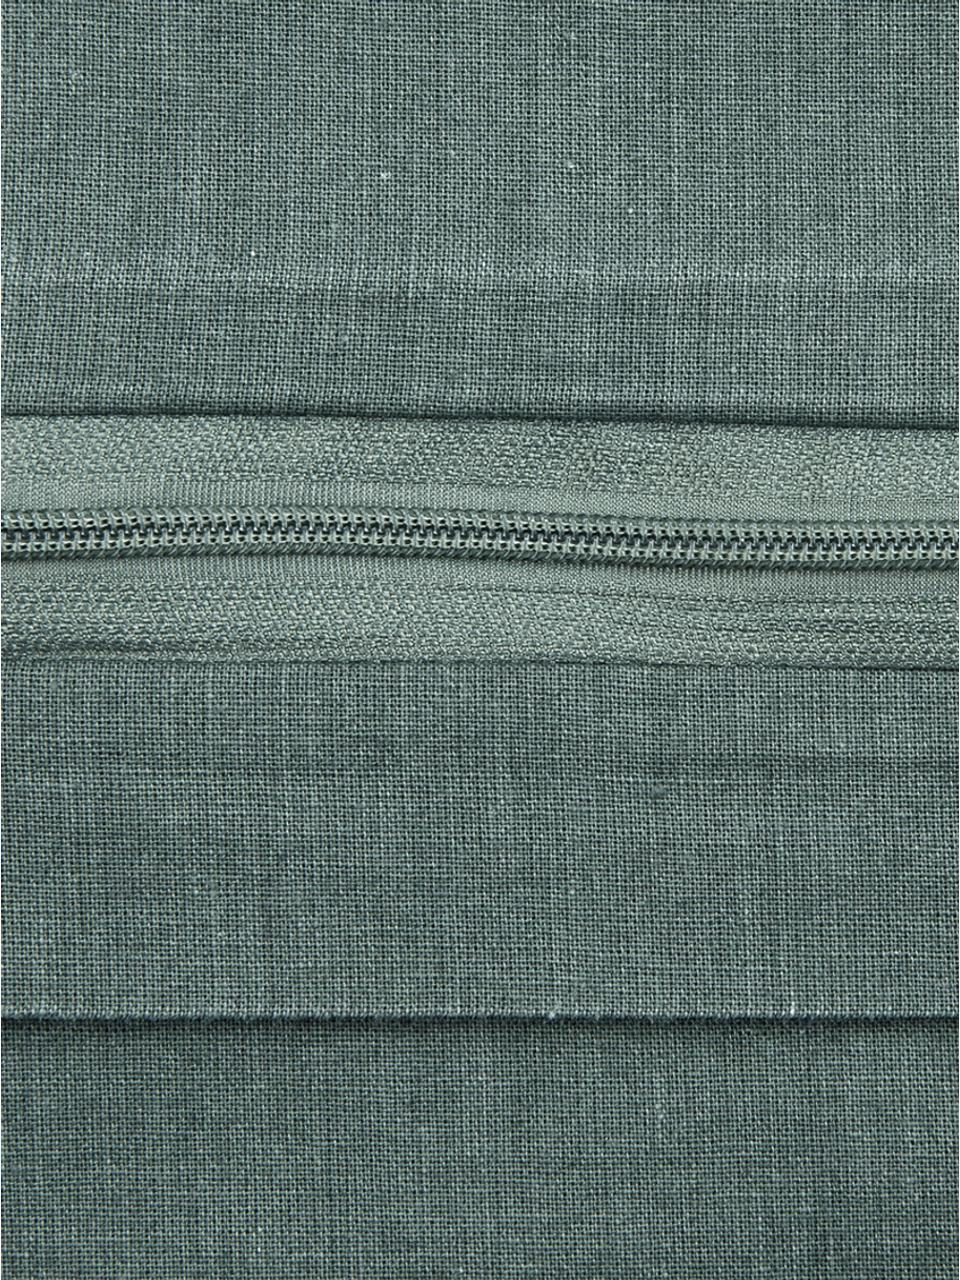 Gewaschene Baumwoll-Bettwäsche Arlene in Dunkelgrün, Webart: Renforcé Fadendichte 144 , Dunkelgrün, 240 x 220 cm + 2 Kissen 80 x 80 cm